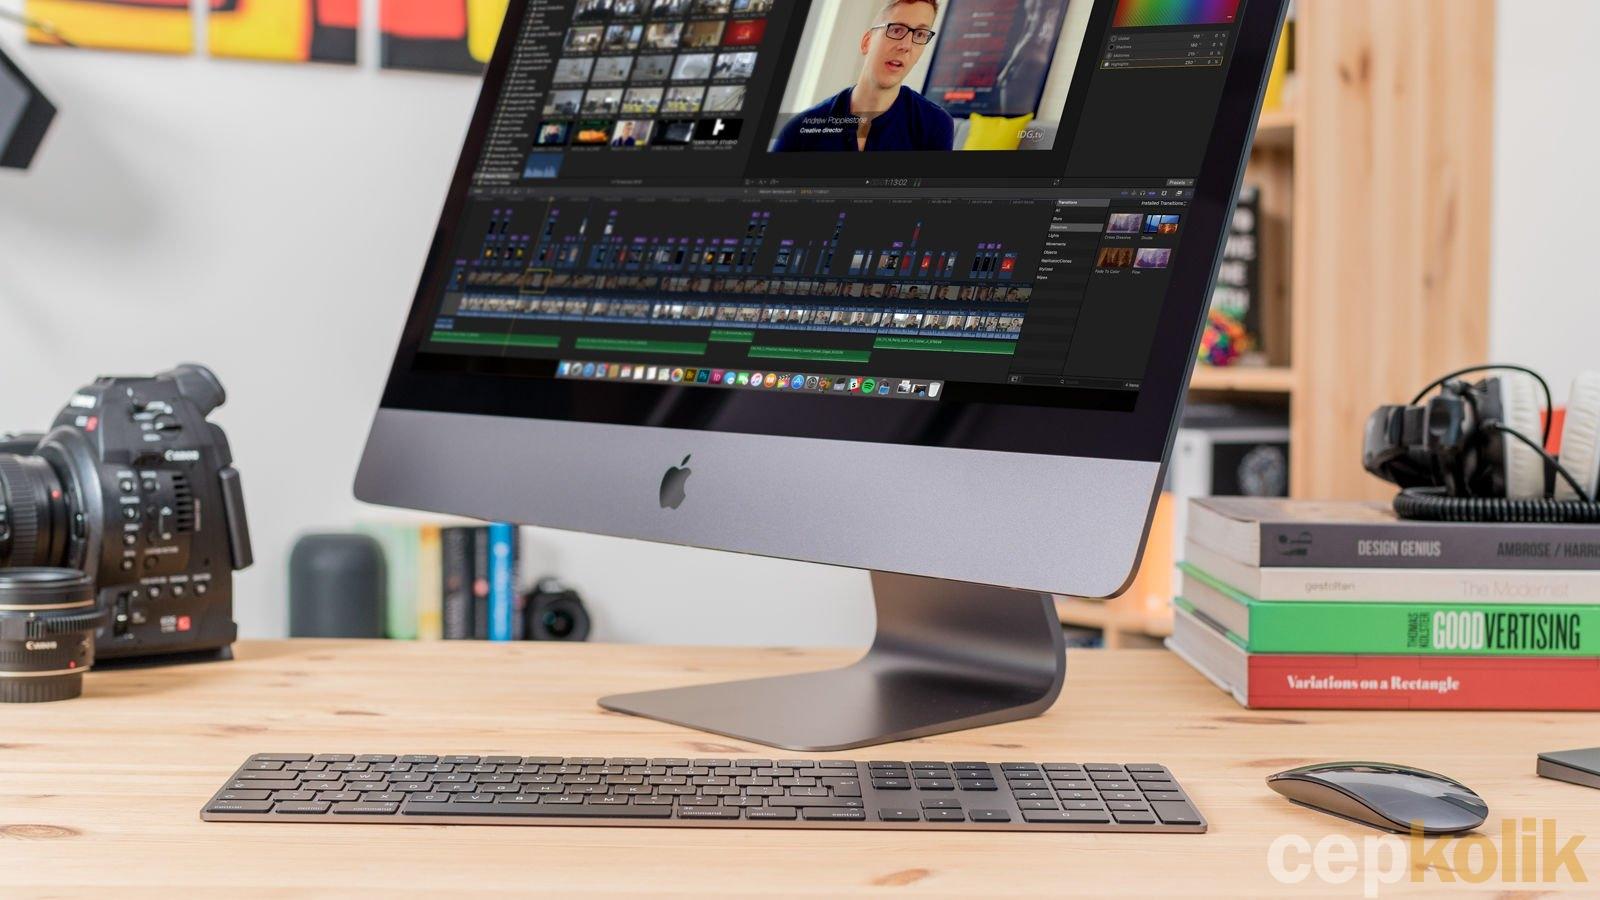 Dünya'nın En İyi Bilgisayarı: iMac Pro İncelemesi